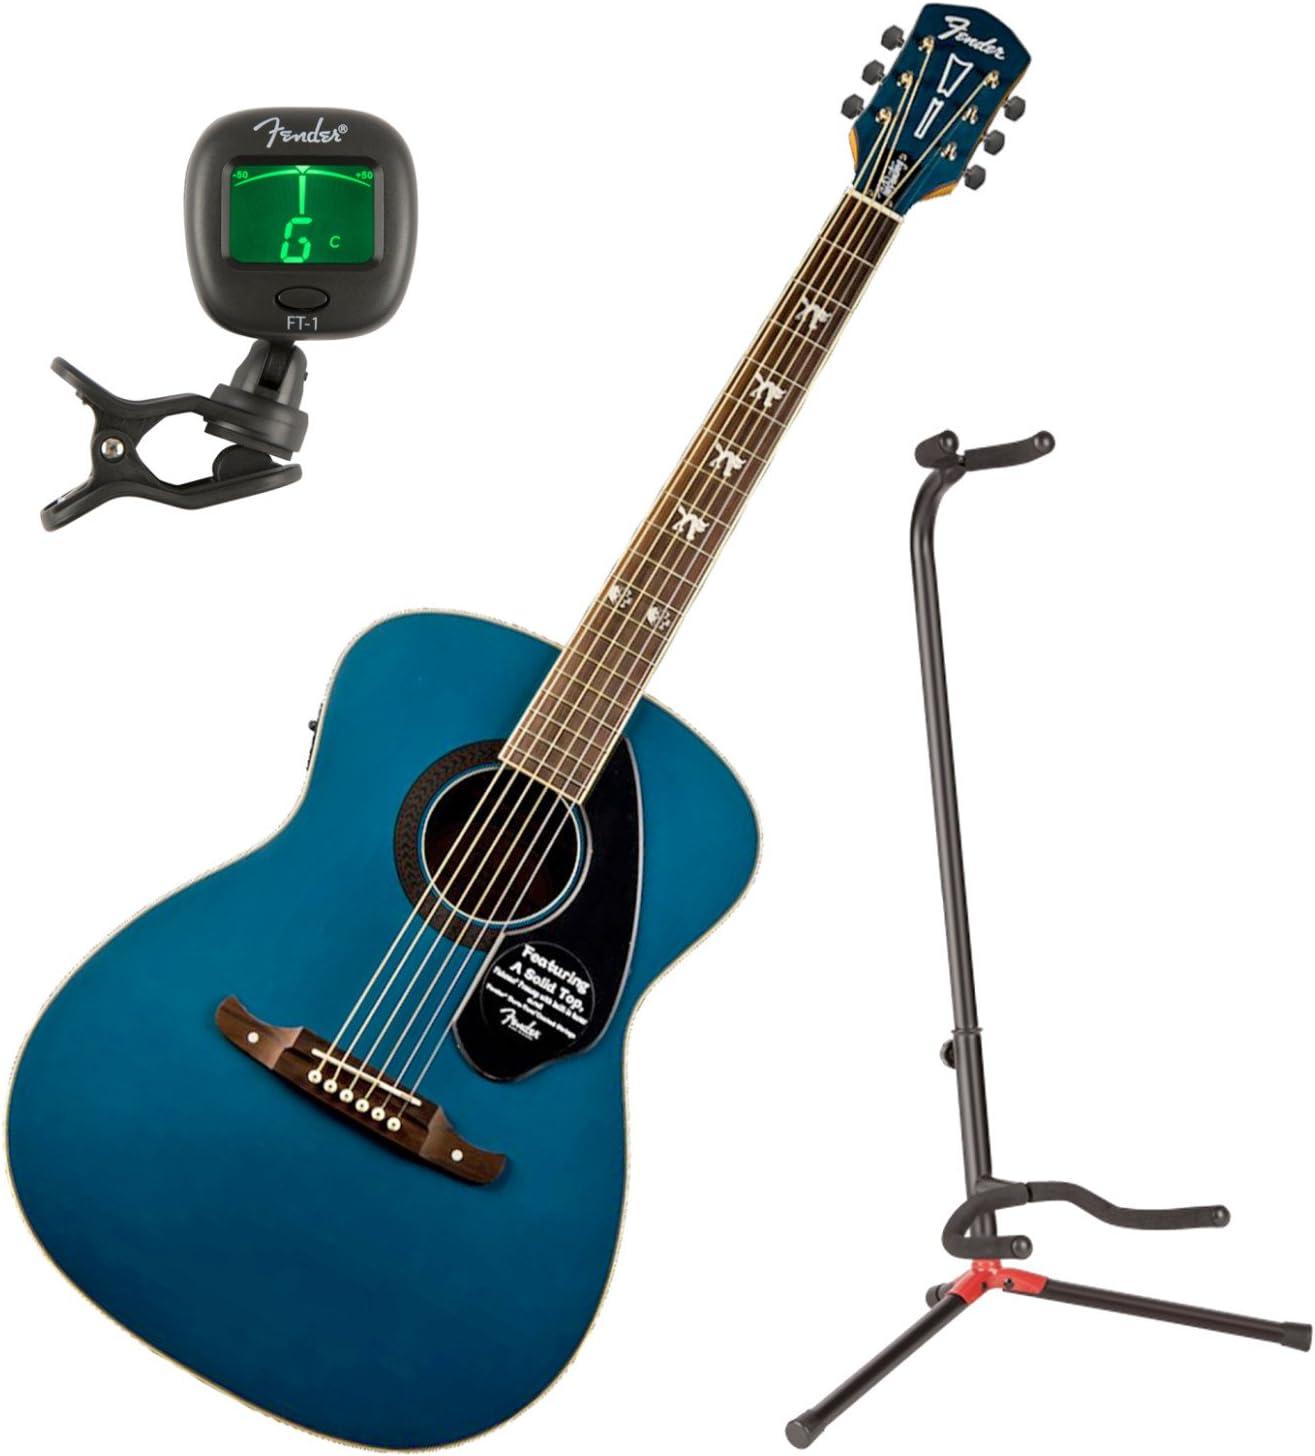 Fender 0971752027 Tim Armstrong Hellcat Sapphire guitarra acústica w/stand y sintonizador: Amazon.es: Instrumentos musicales